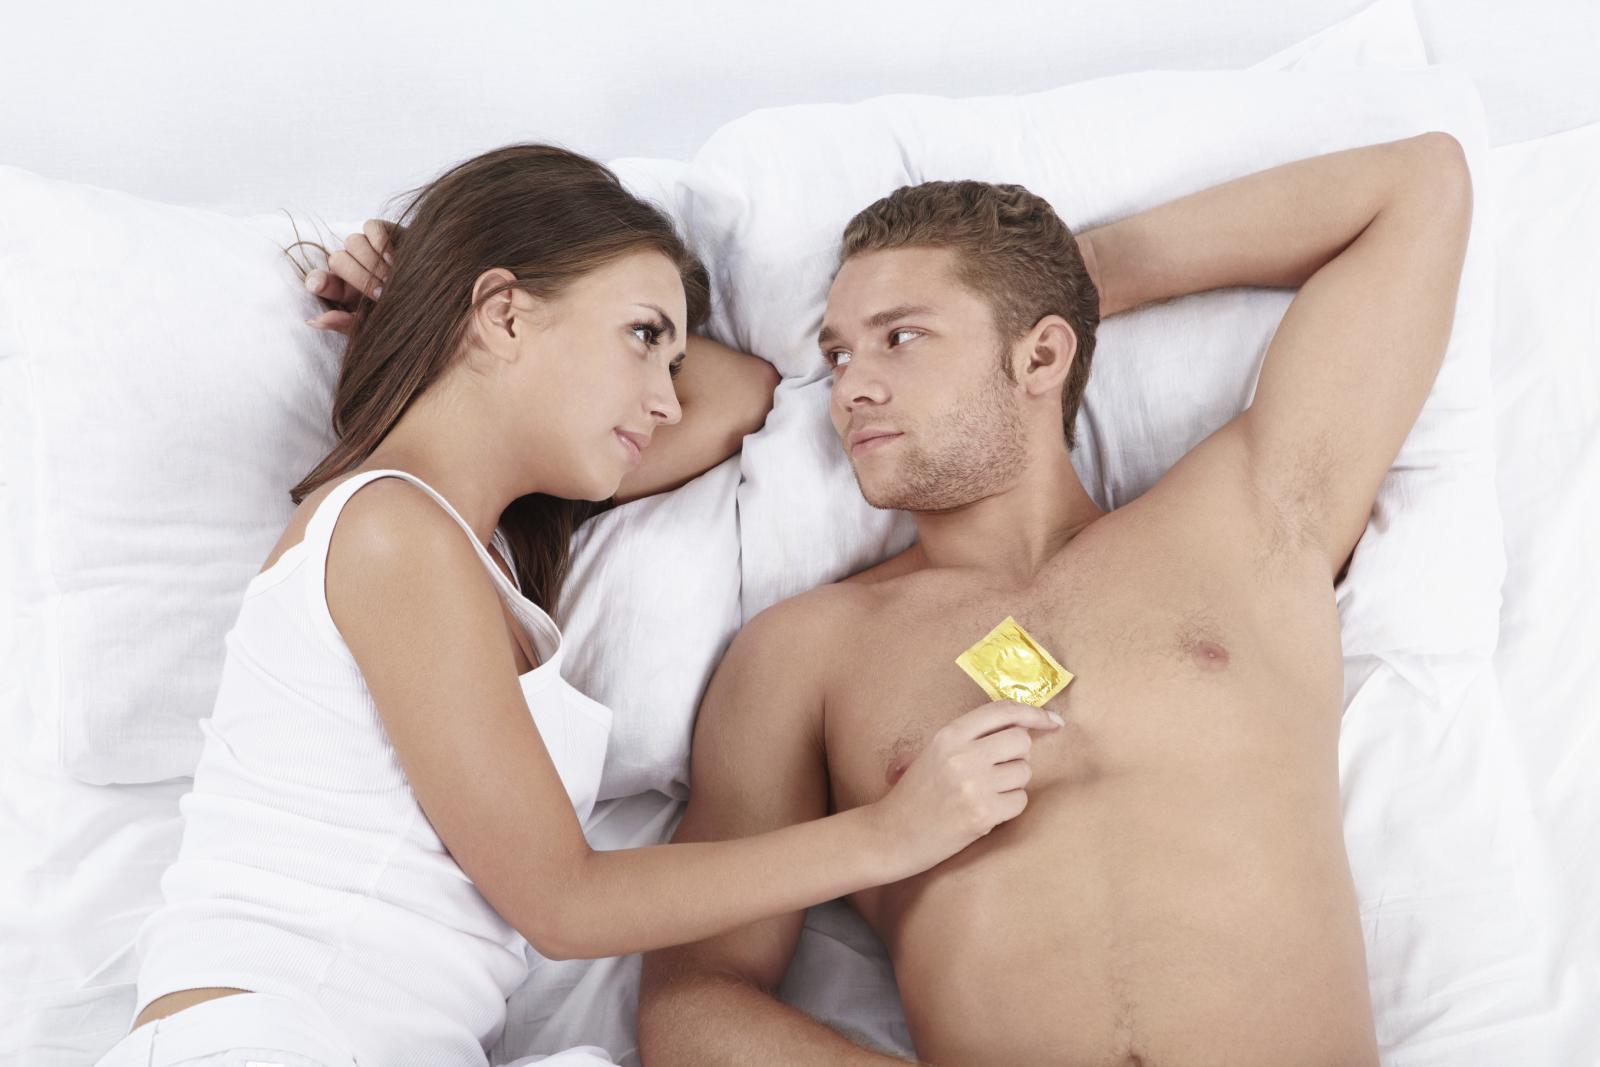 Muškarci su s atraktivnom ženom spremniji ući u odnos bez kondoma.